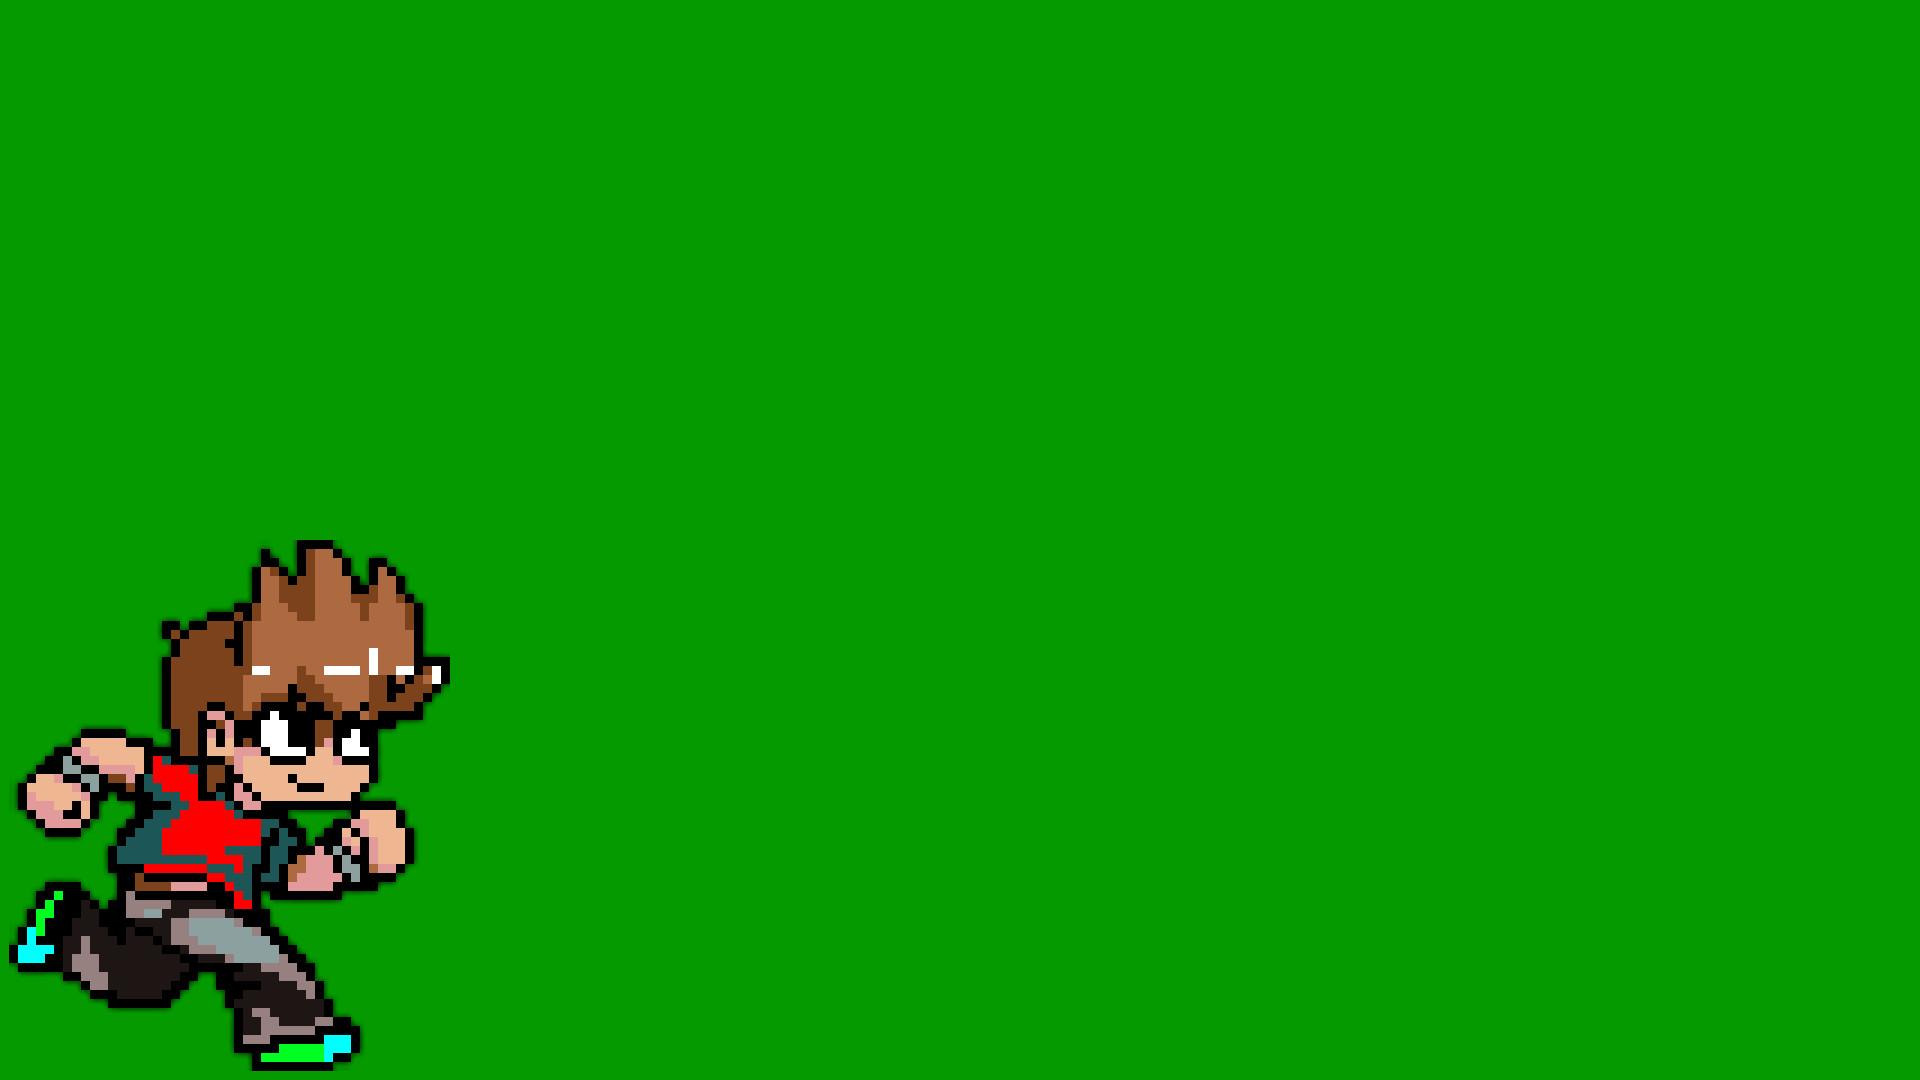 … pixel art pixels scott pilgrim scott pilgrim vs the world …